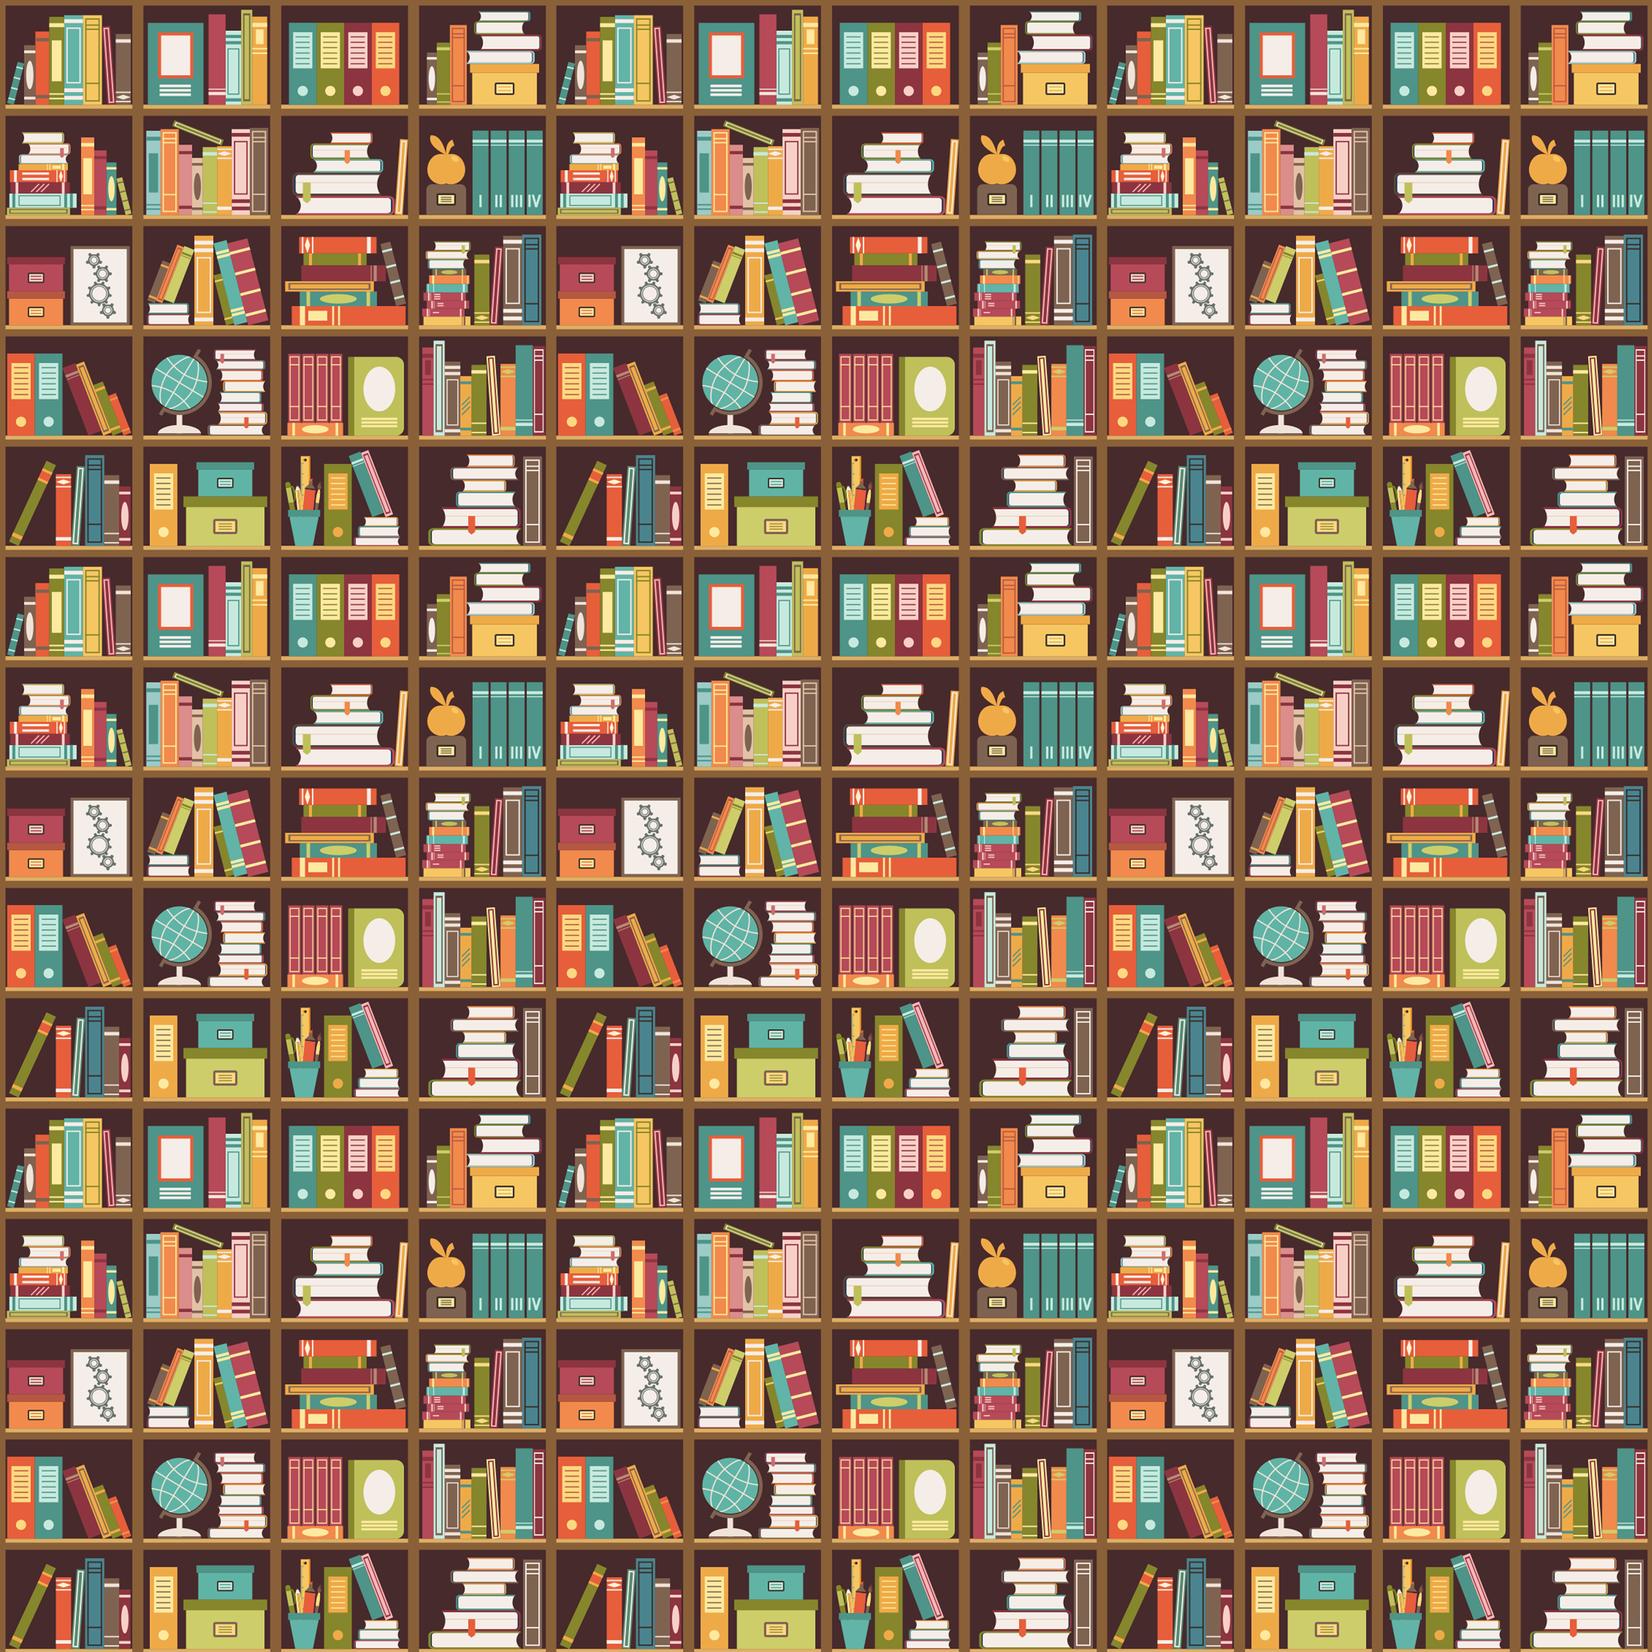 TVD Bookshelves